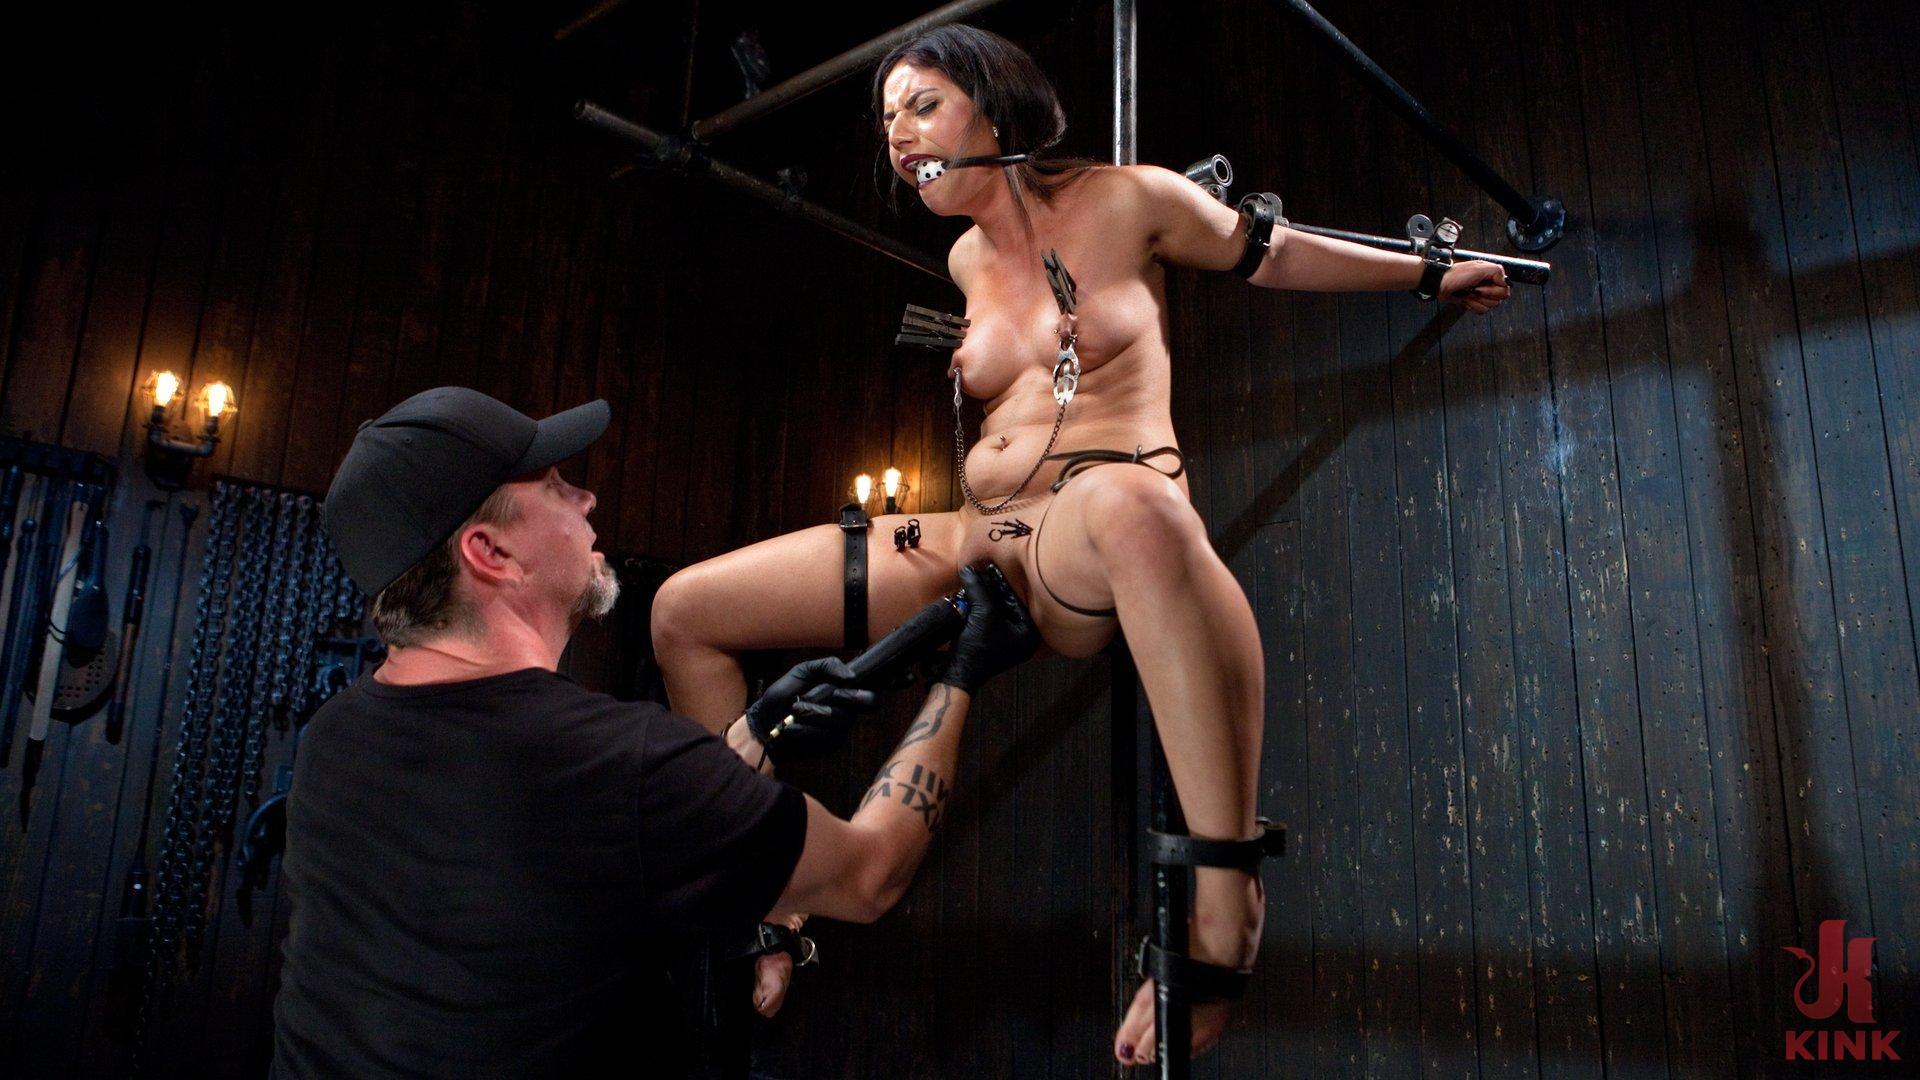 Photo number 7 from Depraved Domination shot for Device Bondage on Kink.com. Featuring Rose Darling in hardcore BDSM & Fetish porn.